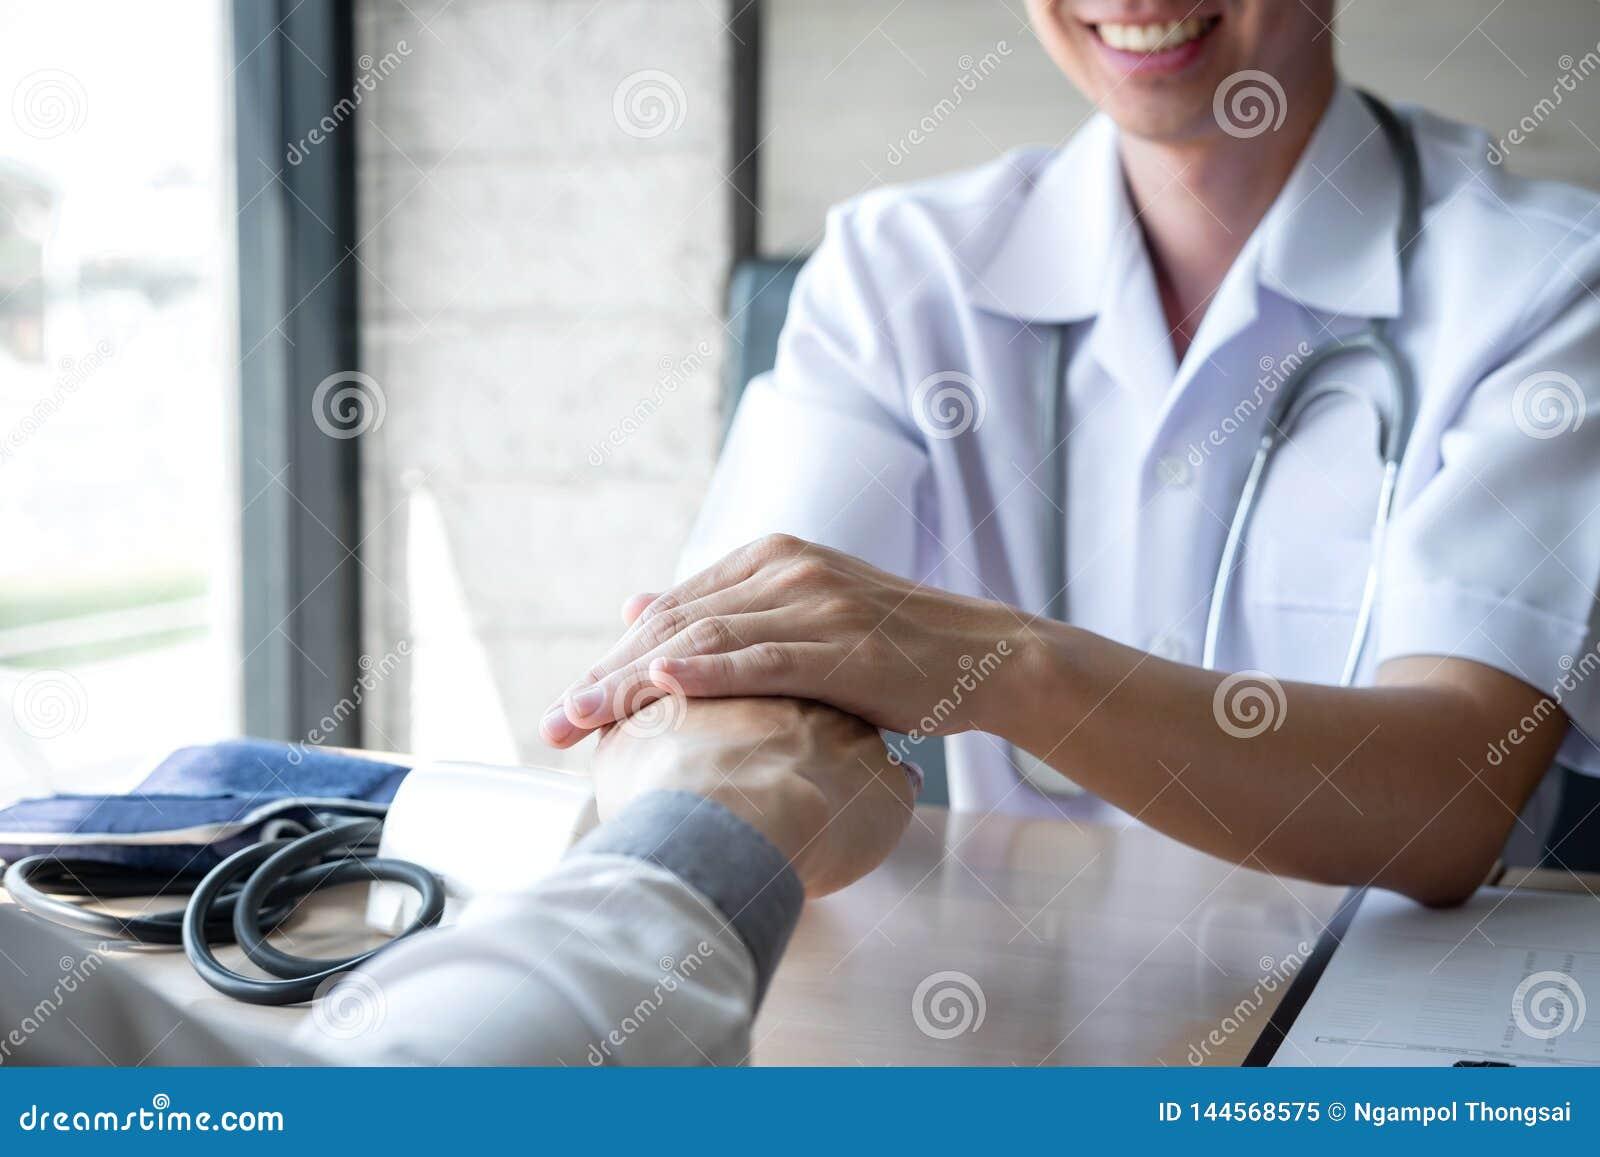 Image de docteur tenant la main du patient pour encourager, parlant avec encourager et appui patients